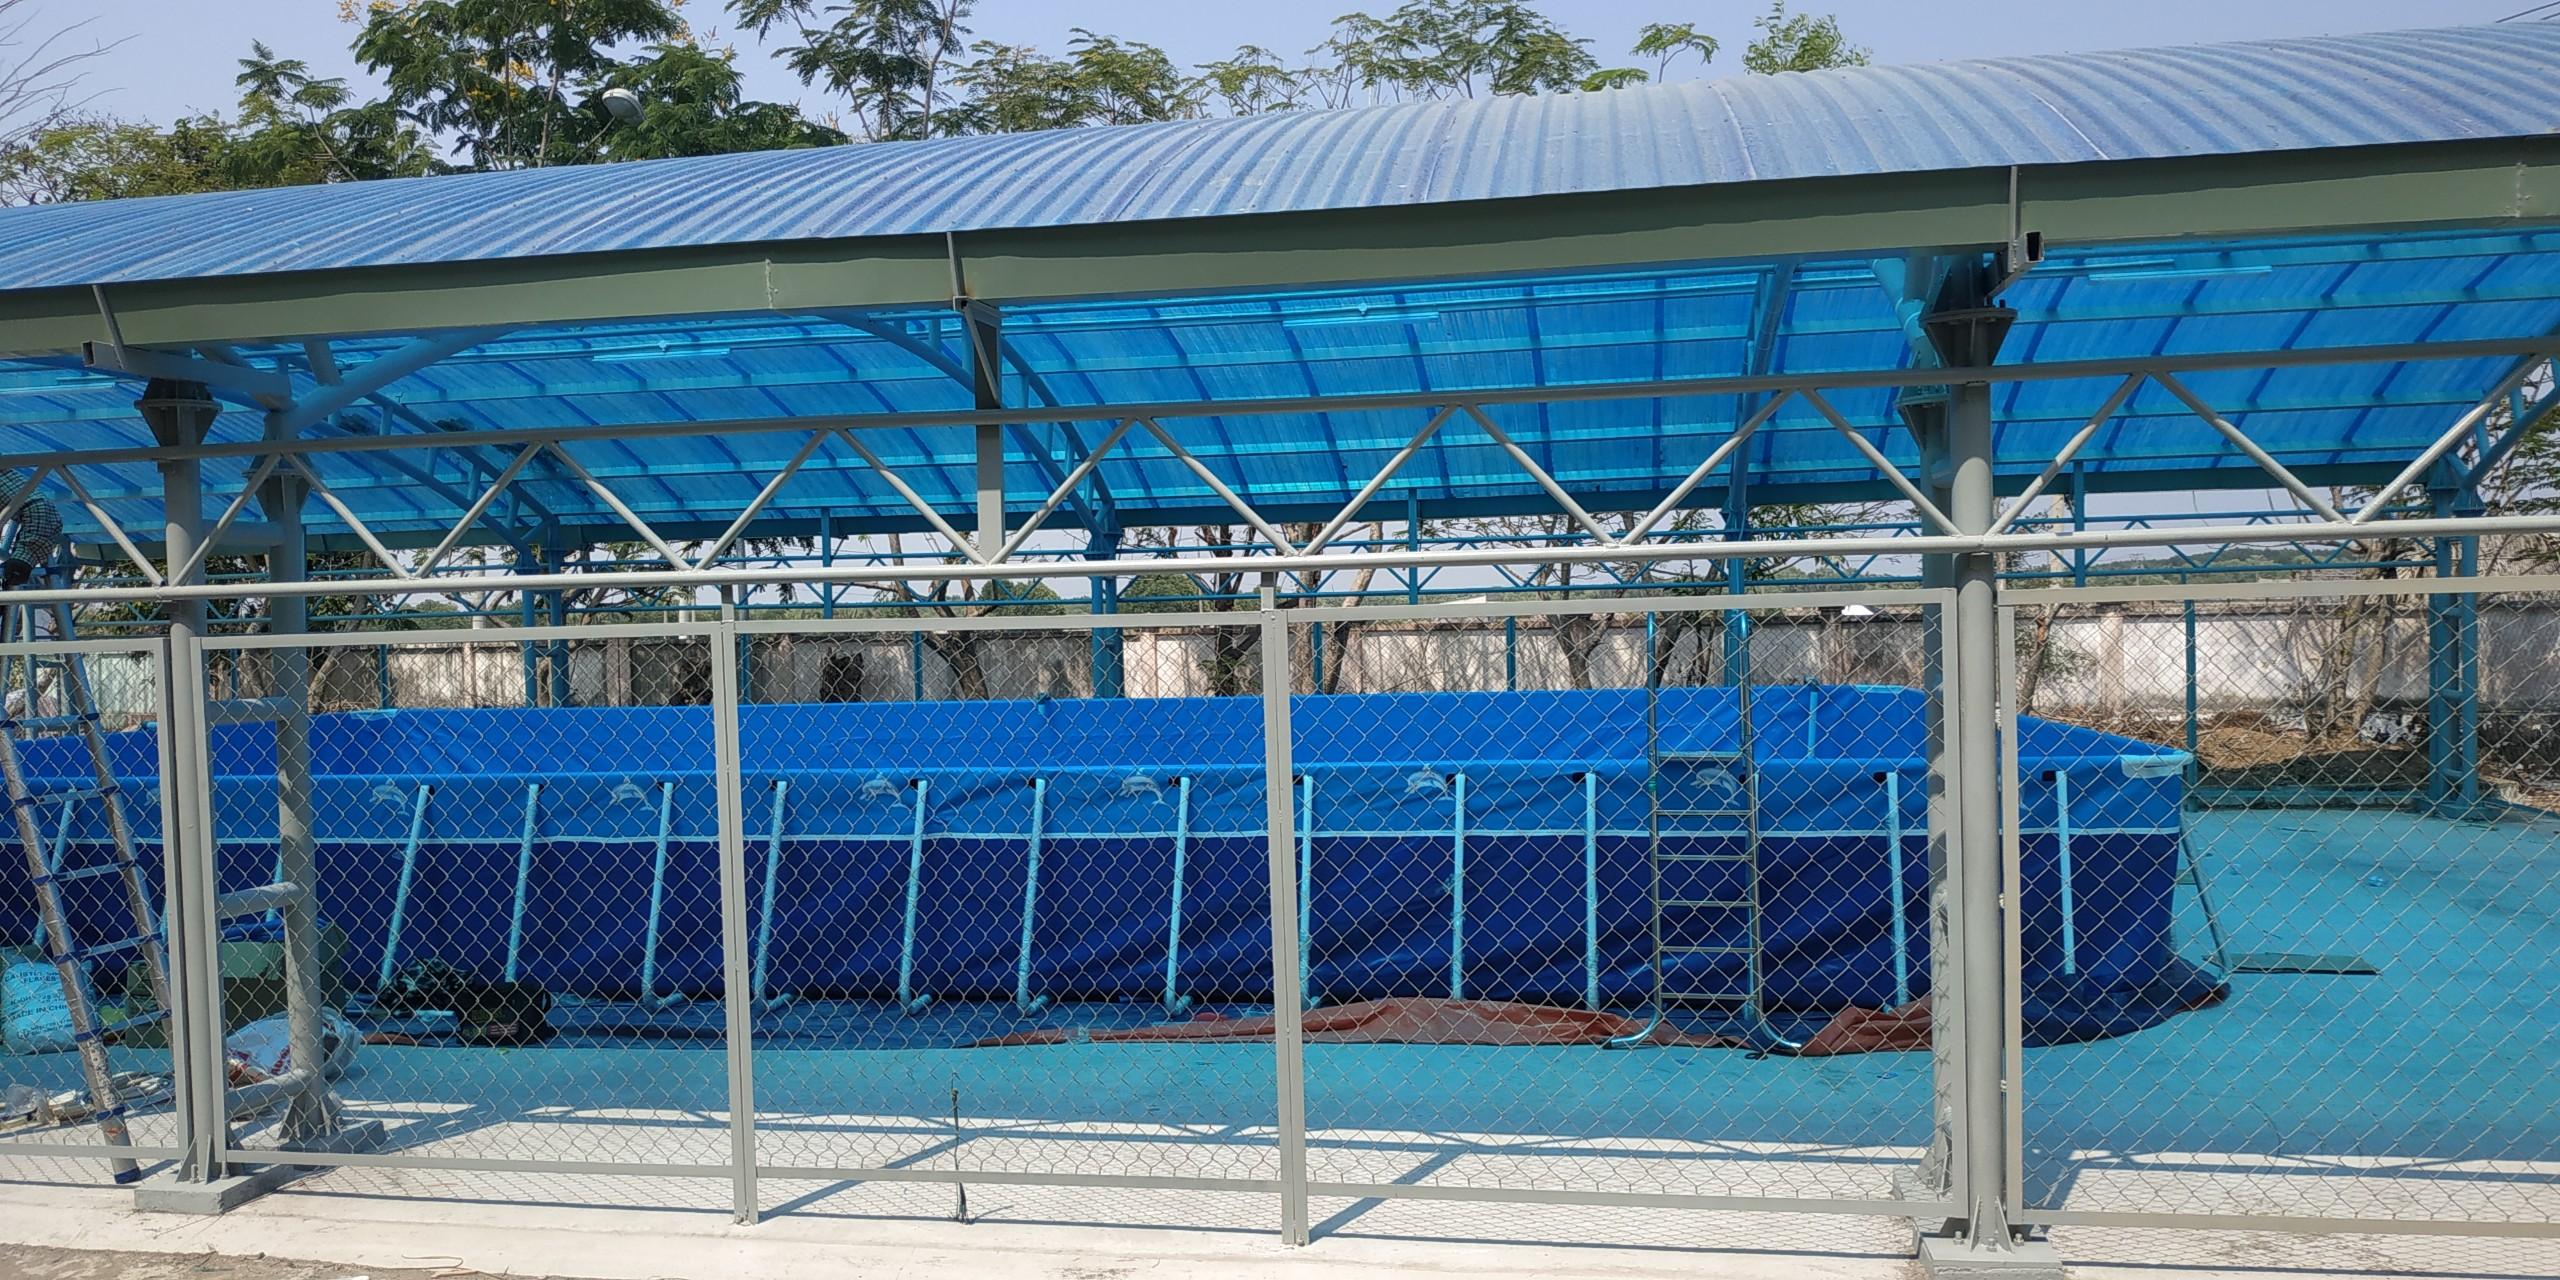 Bể Bơi Di Động Lắp Ghép Tại Cao Bằng Hoạt Động Từ 2019 Đến Này 20